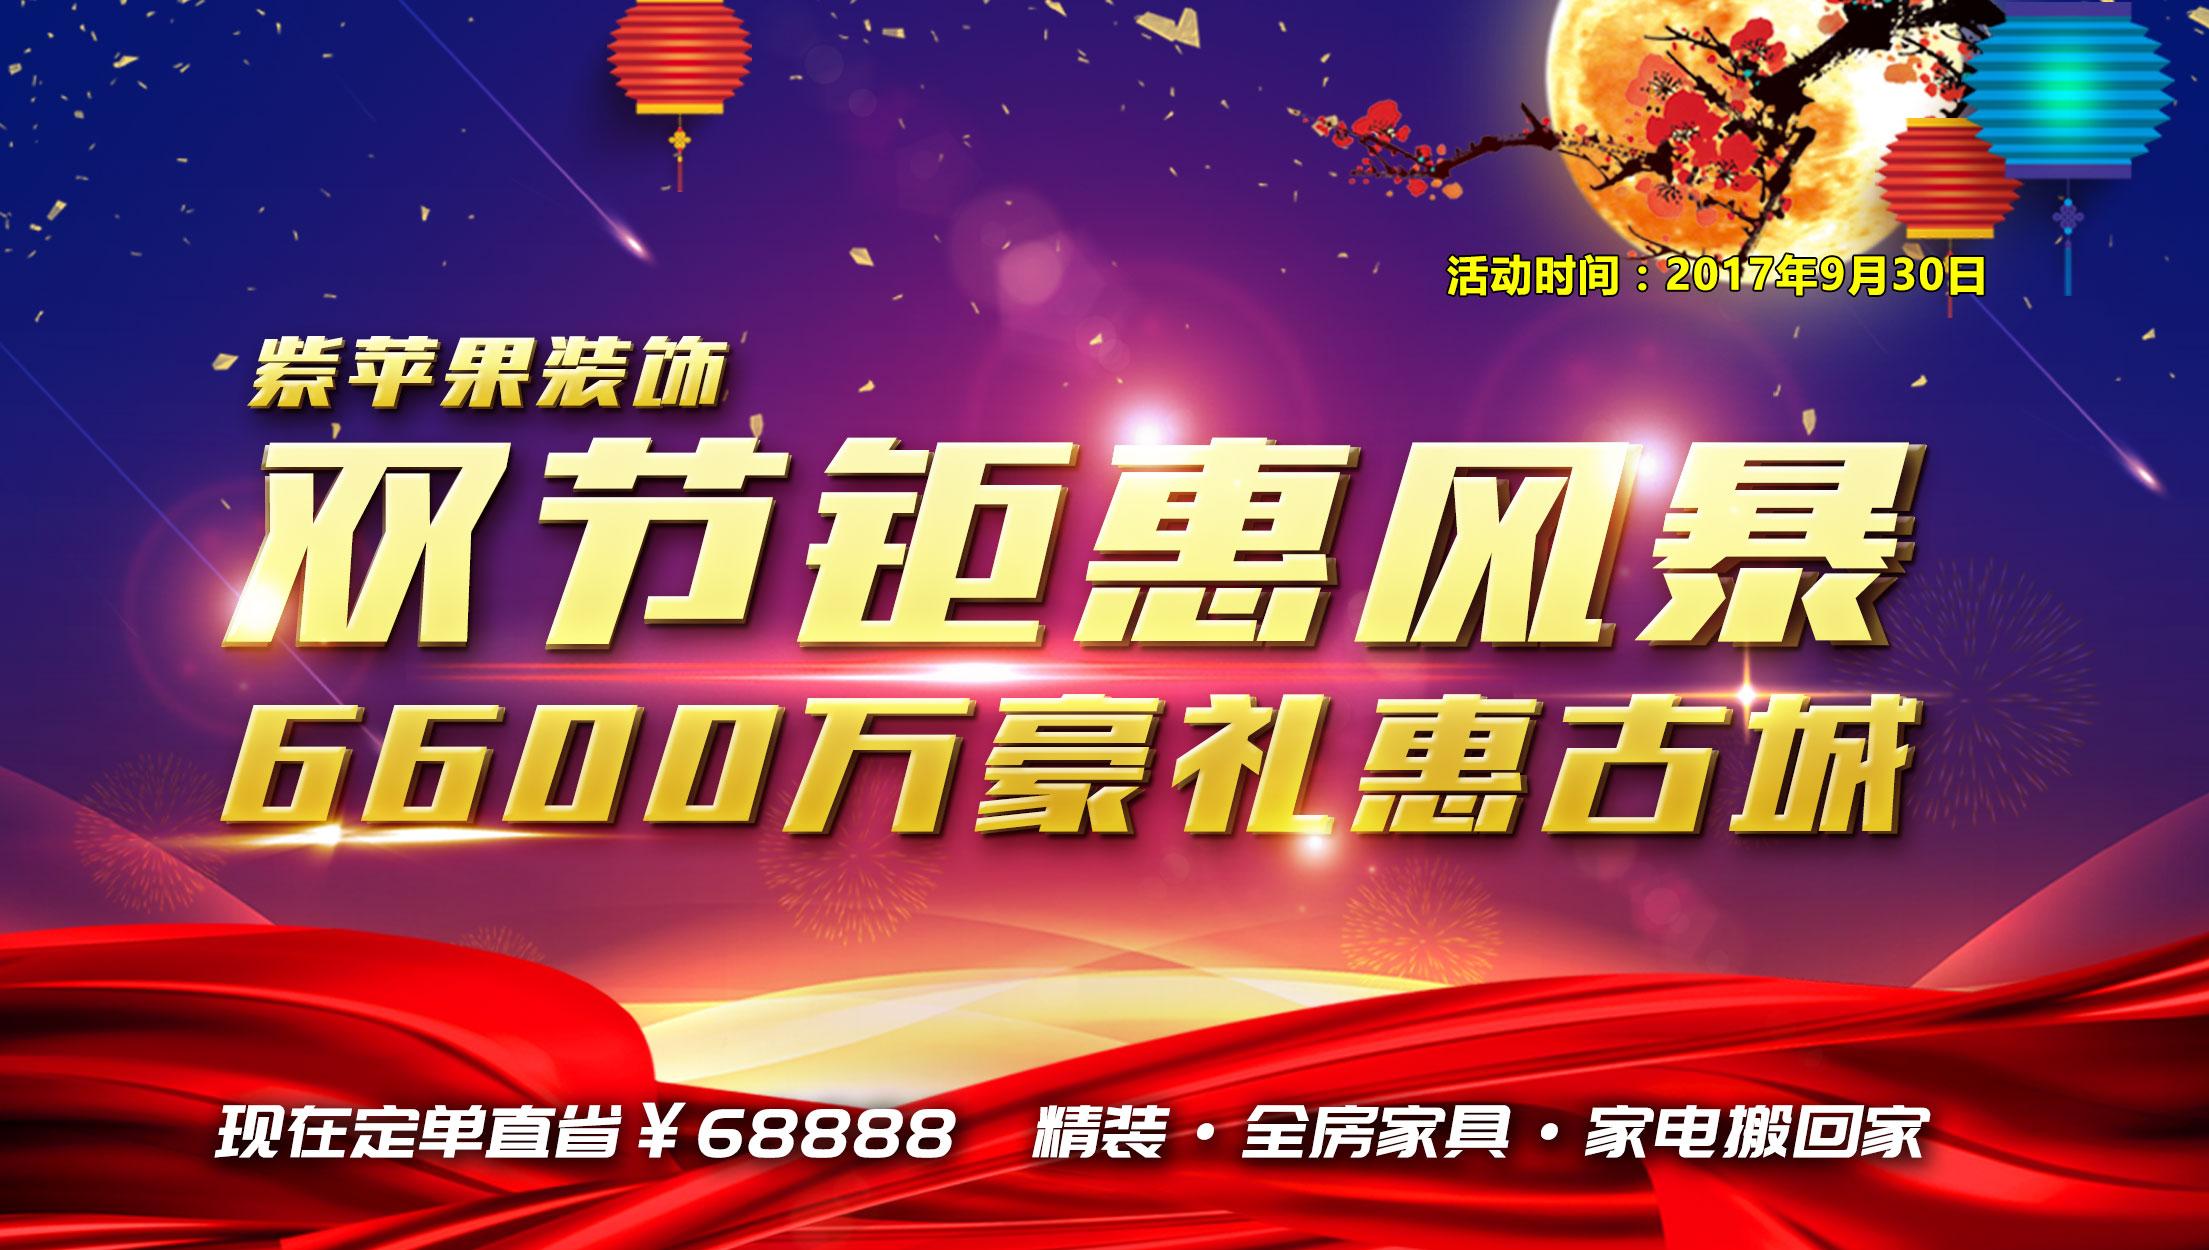 紫苹果装饰双节特惠风暴—6600万豪礼惠古城